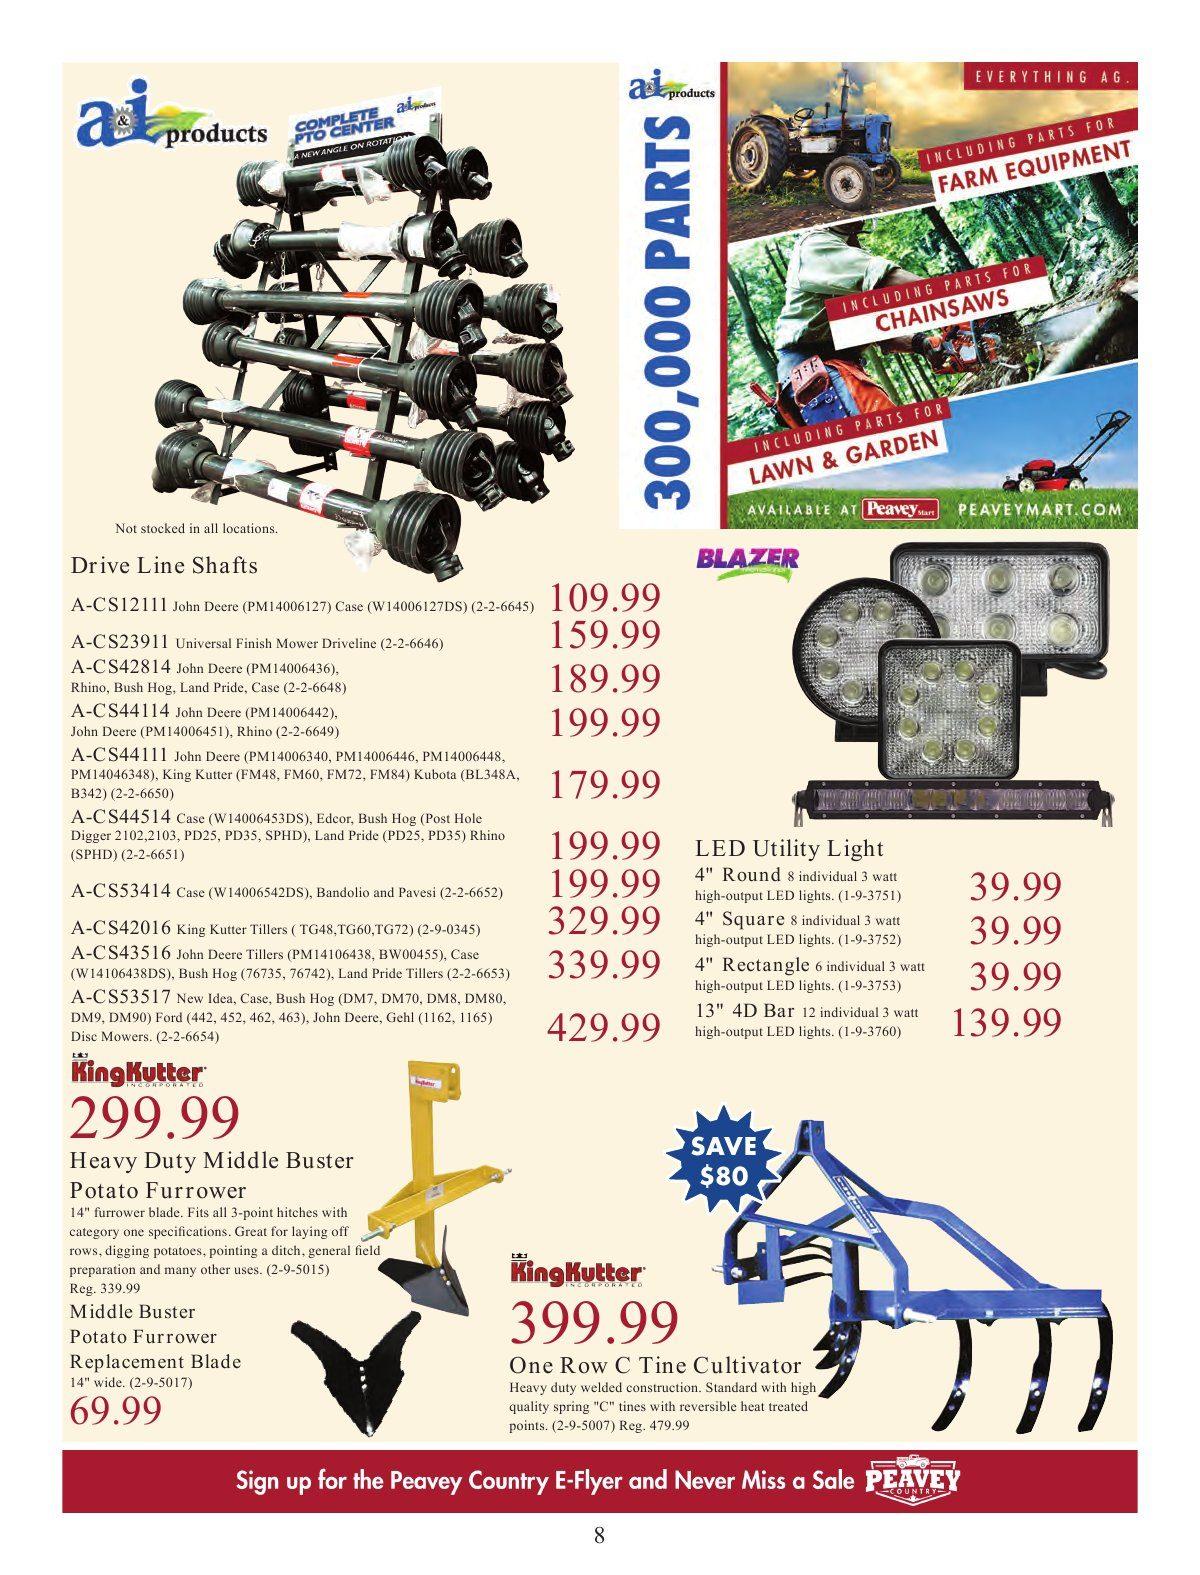 PeaveyMart Weekly Flyer - Field Ready - Jul 2 – Aug 25